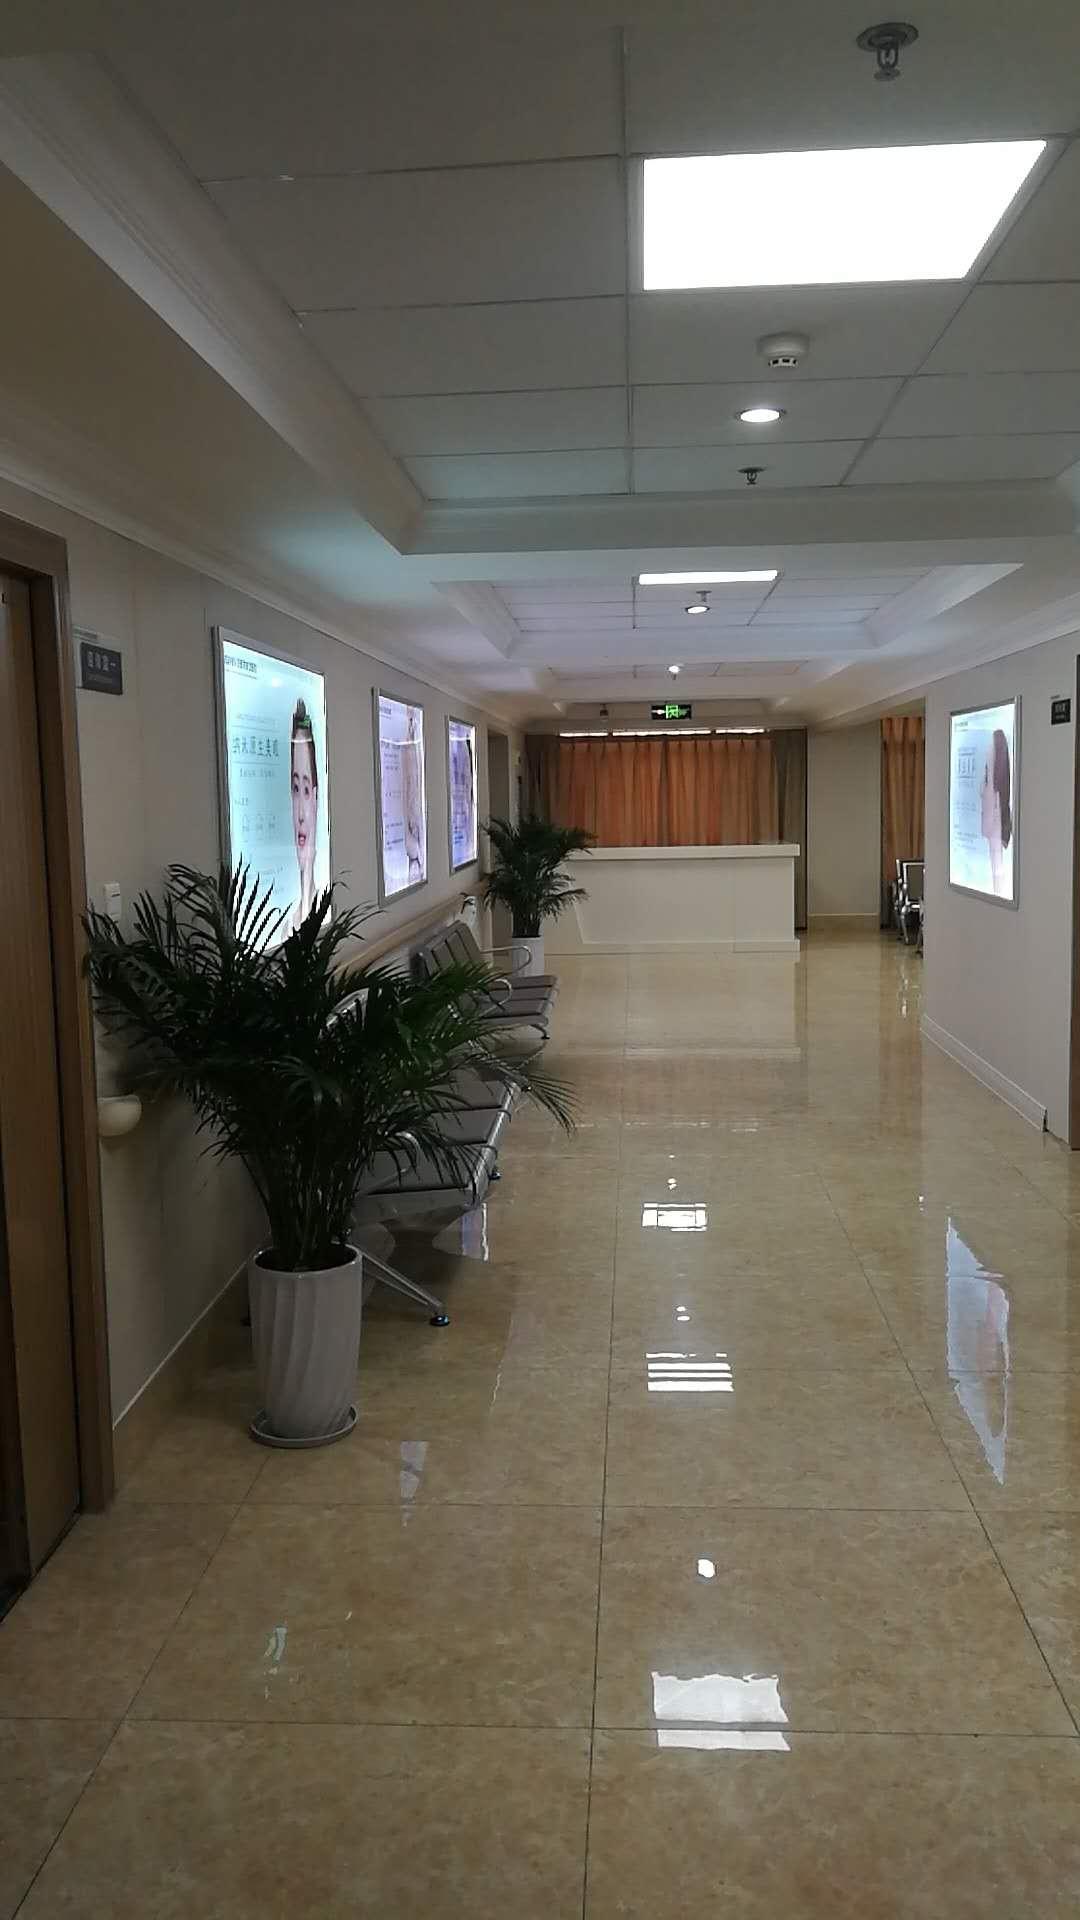 四川友谊医院整形美容环境图2